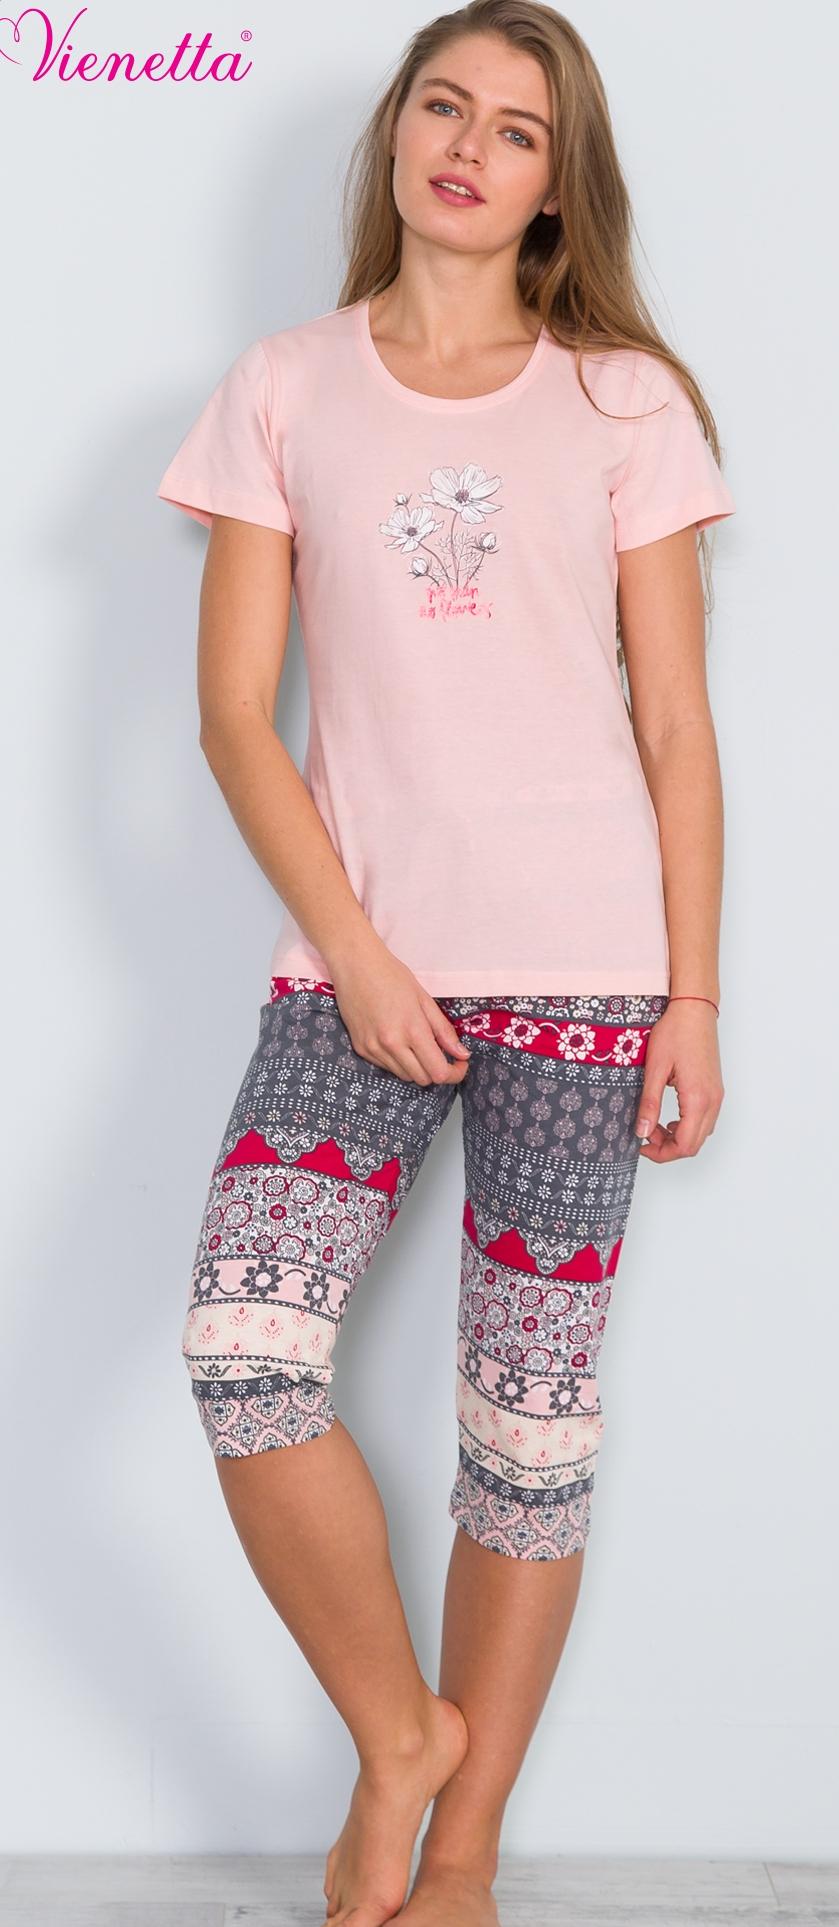 Комплект домашний женский Vienettas Secret: футболка, капри, цвет: светло-розовый, серый. 609041 4438. Размер S (44)609041 4438Женский домашний комплект Vienettas Secret включает футболку и капри. Комплект выполнен из 100% натурального хлопка. Футболка имеет круглый вырез горловины и короткие стандартные рукава. Обтягивающие капри снабжены резинкой на талии. Футболка выполнена в однотонном дизайне и украшена изображением ромашки, а капри дополнены узорами.